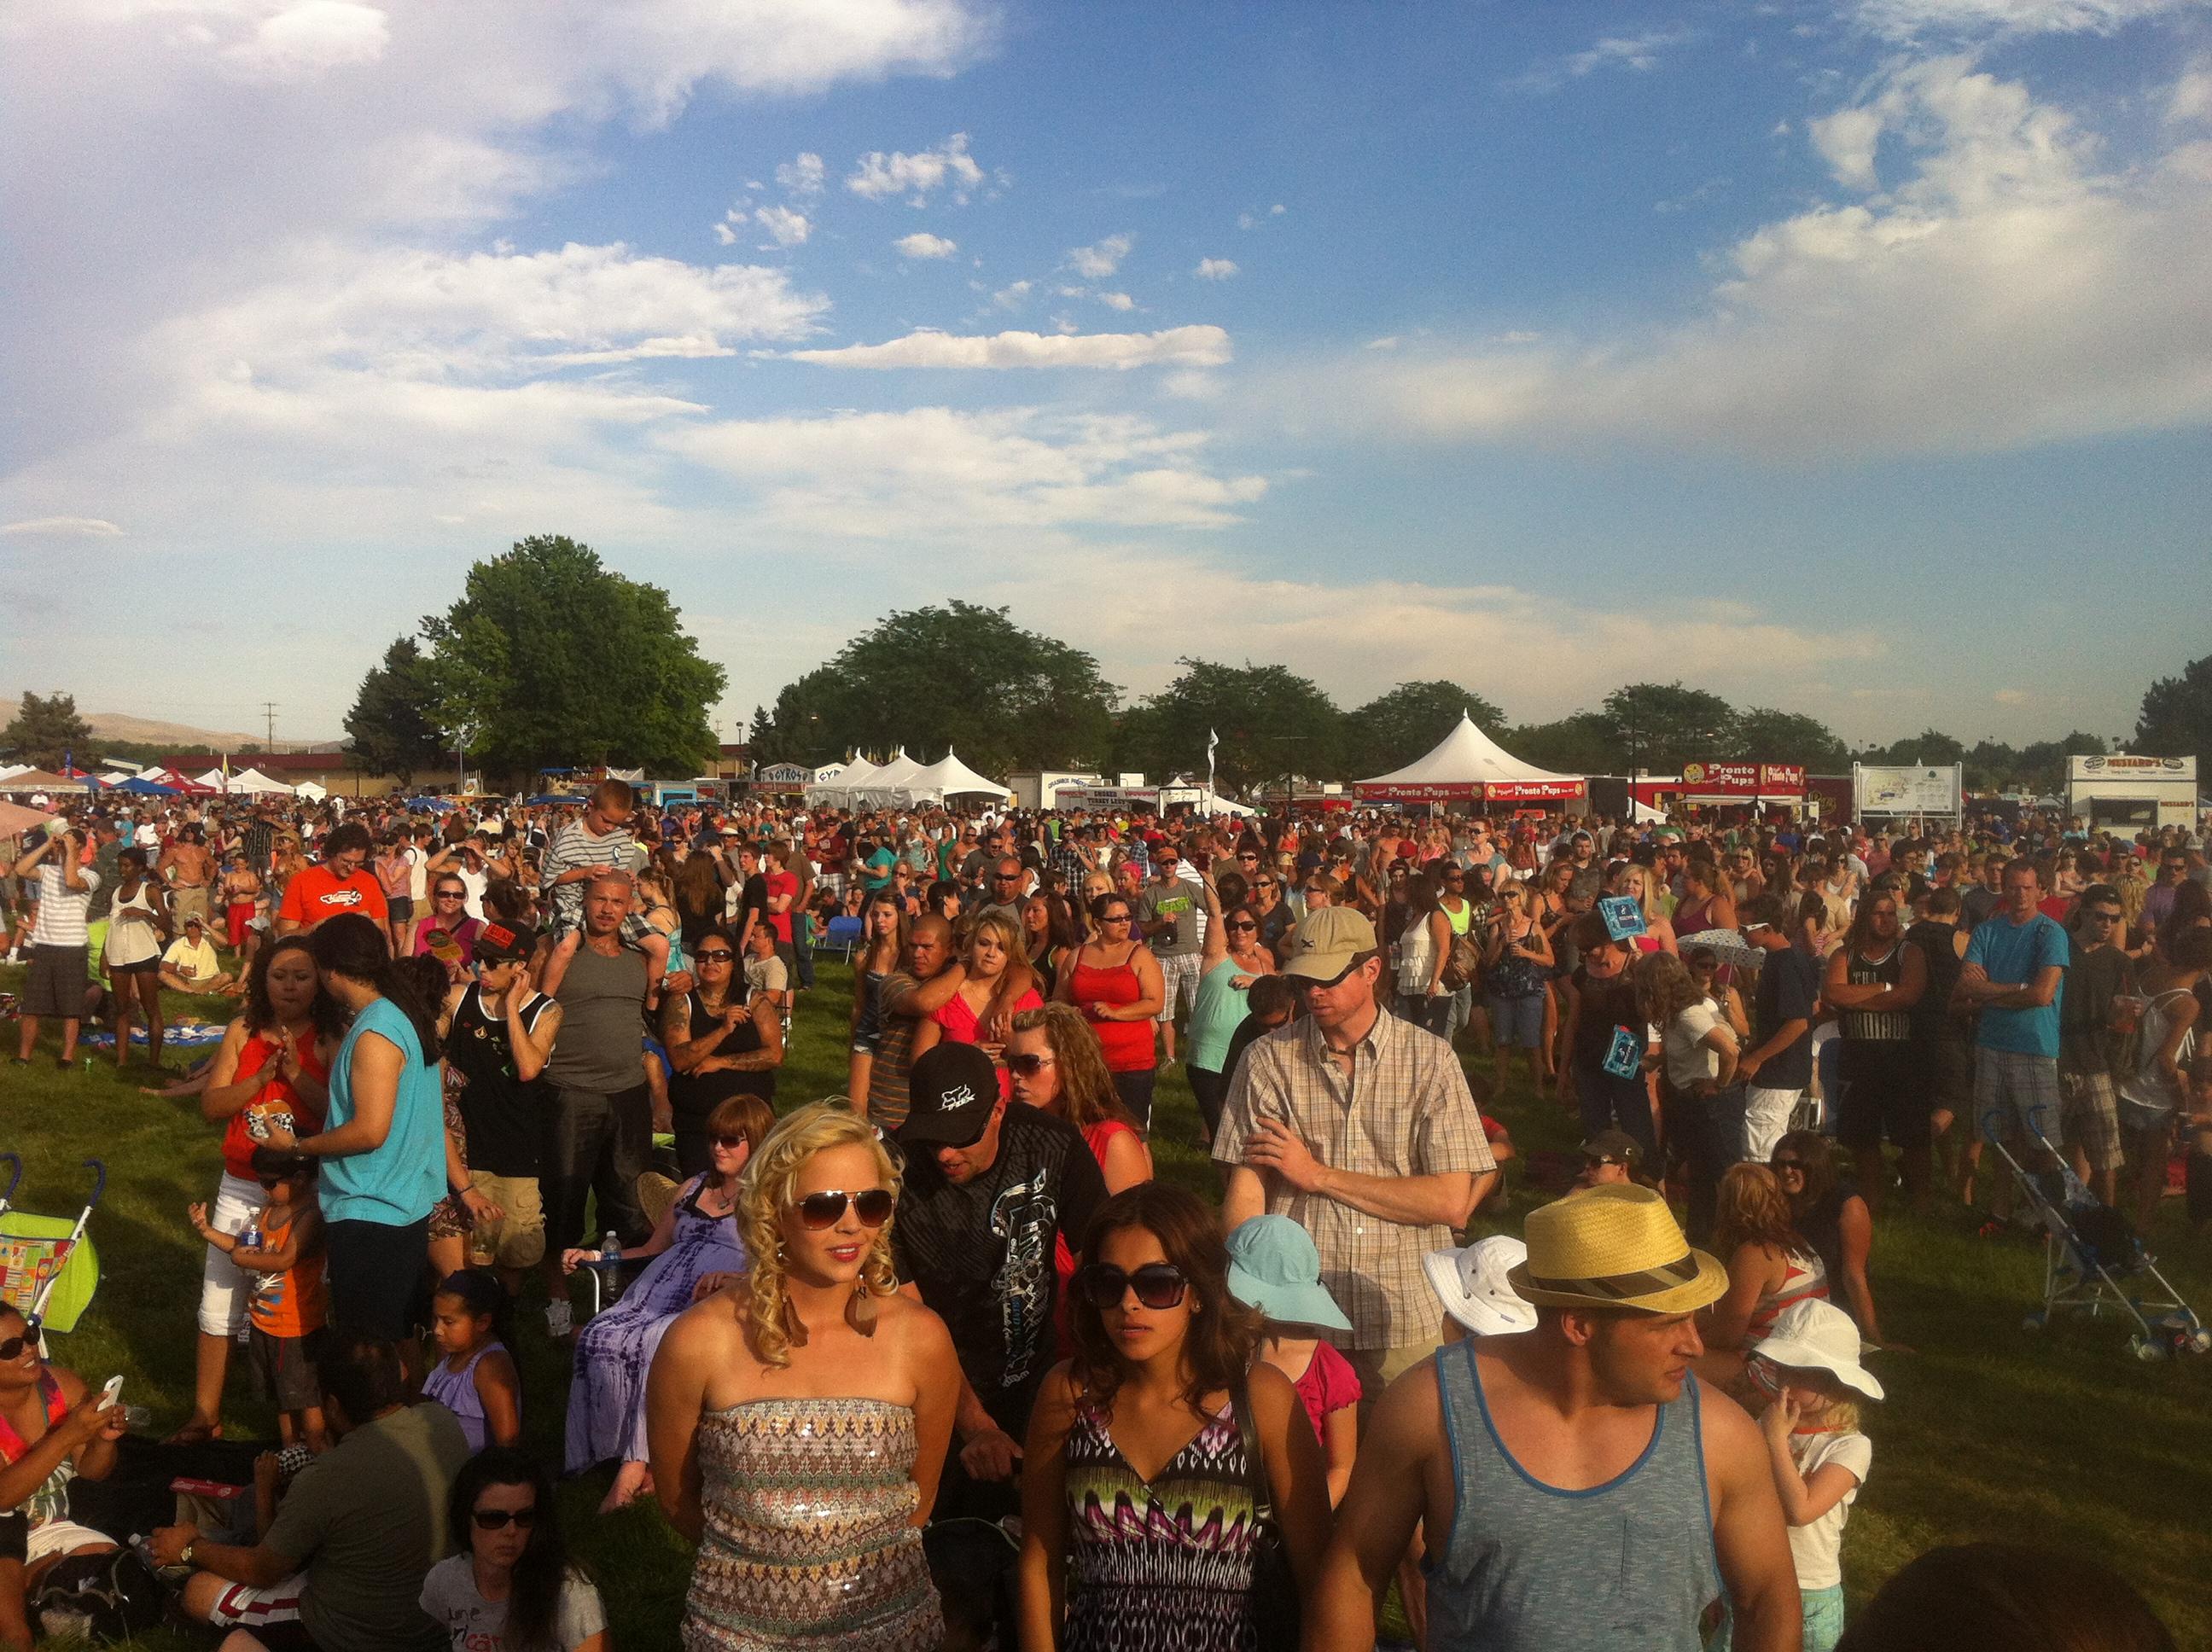 2012 Boise Music Festival 100